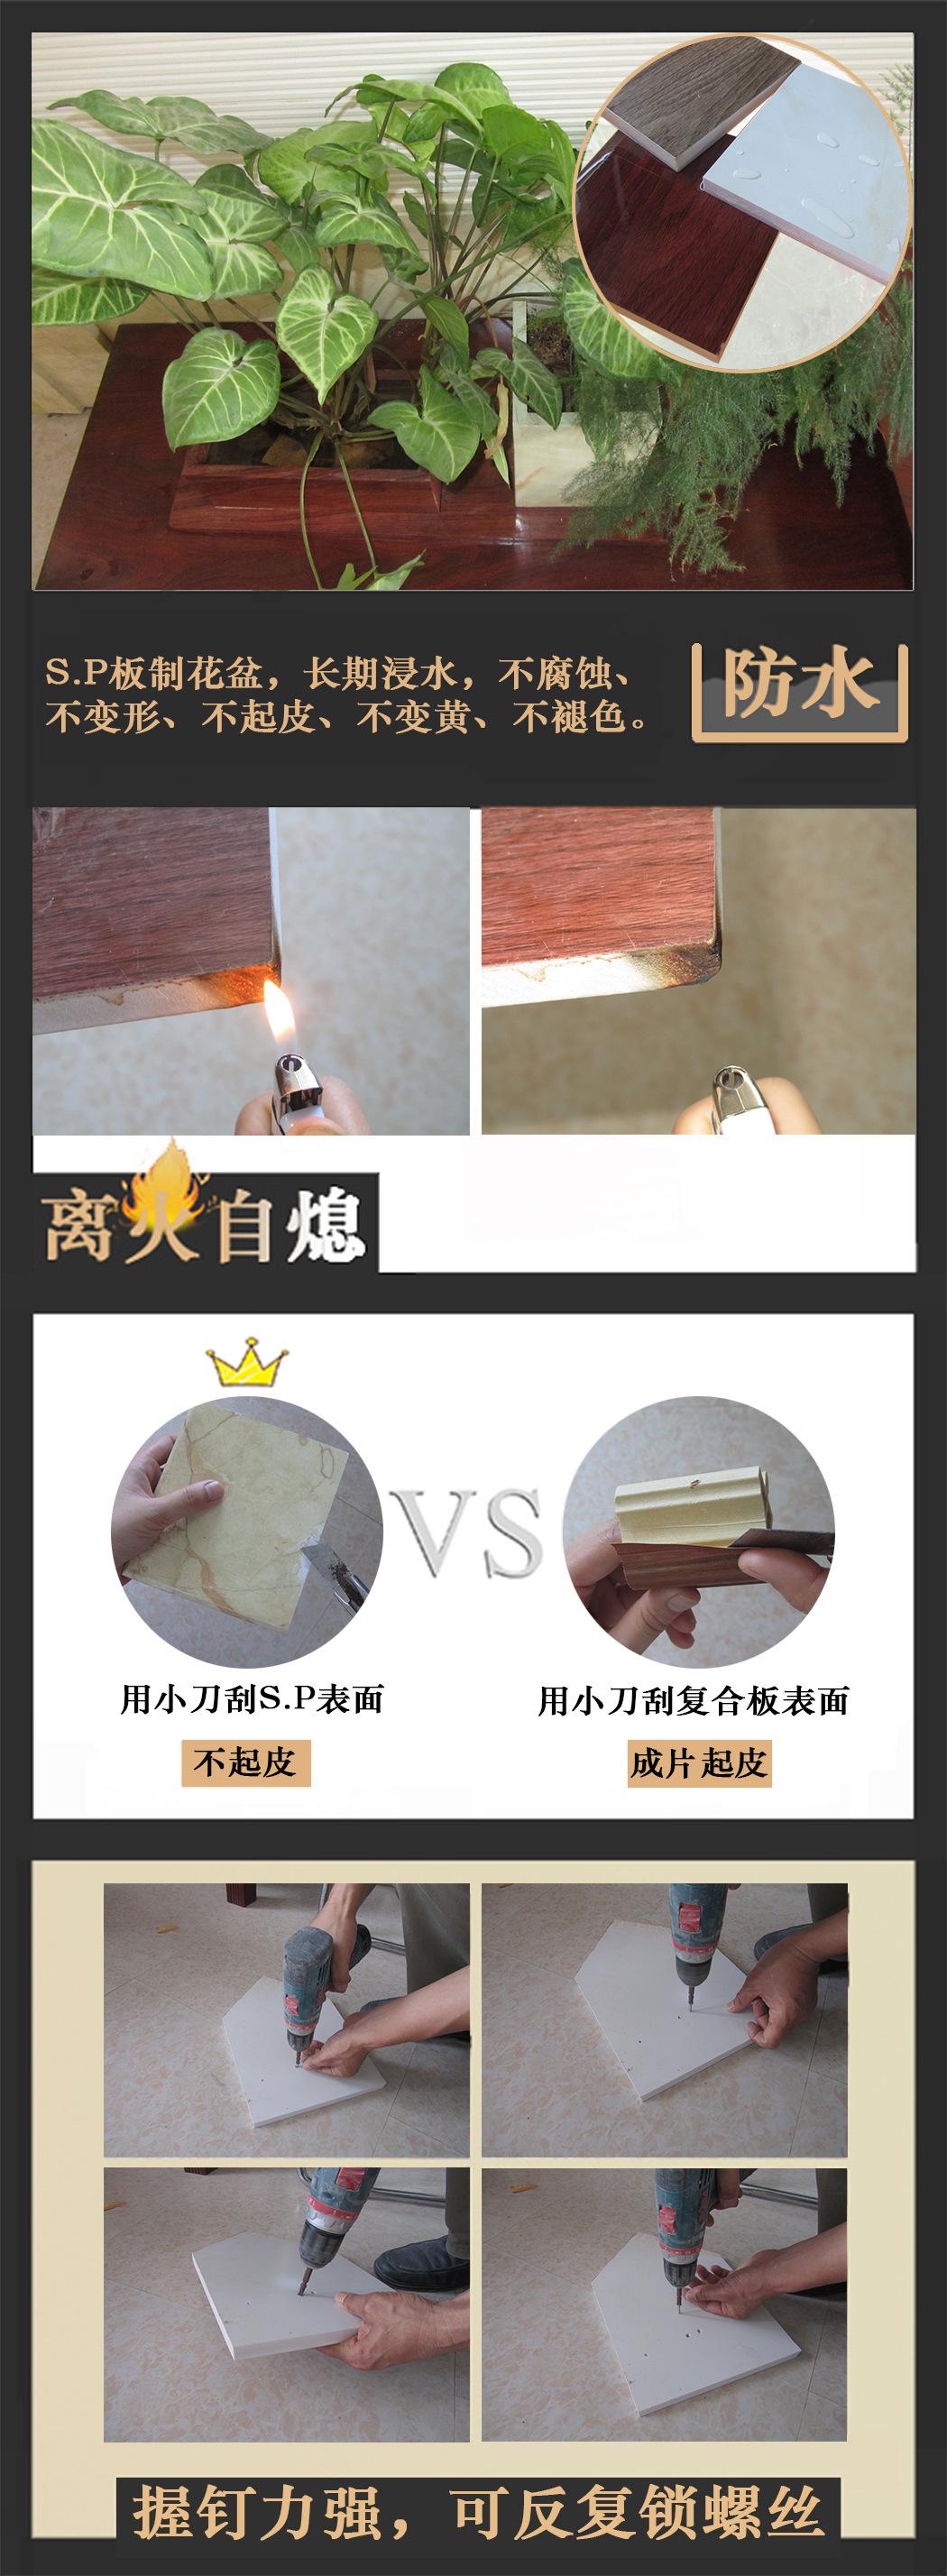 卫浴欧式 水印防水板仿大理石落地 洗脸盆 台下盆浴室柜 经久耐用示例图8